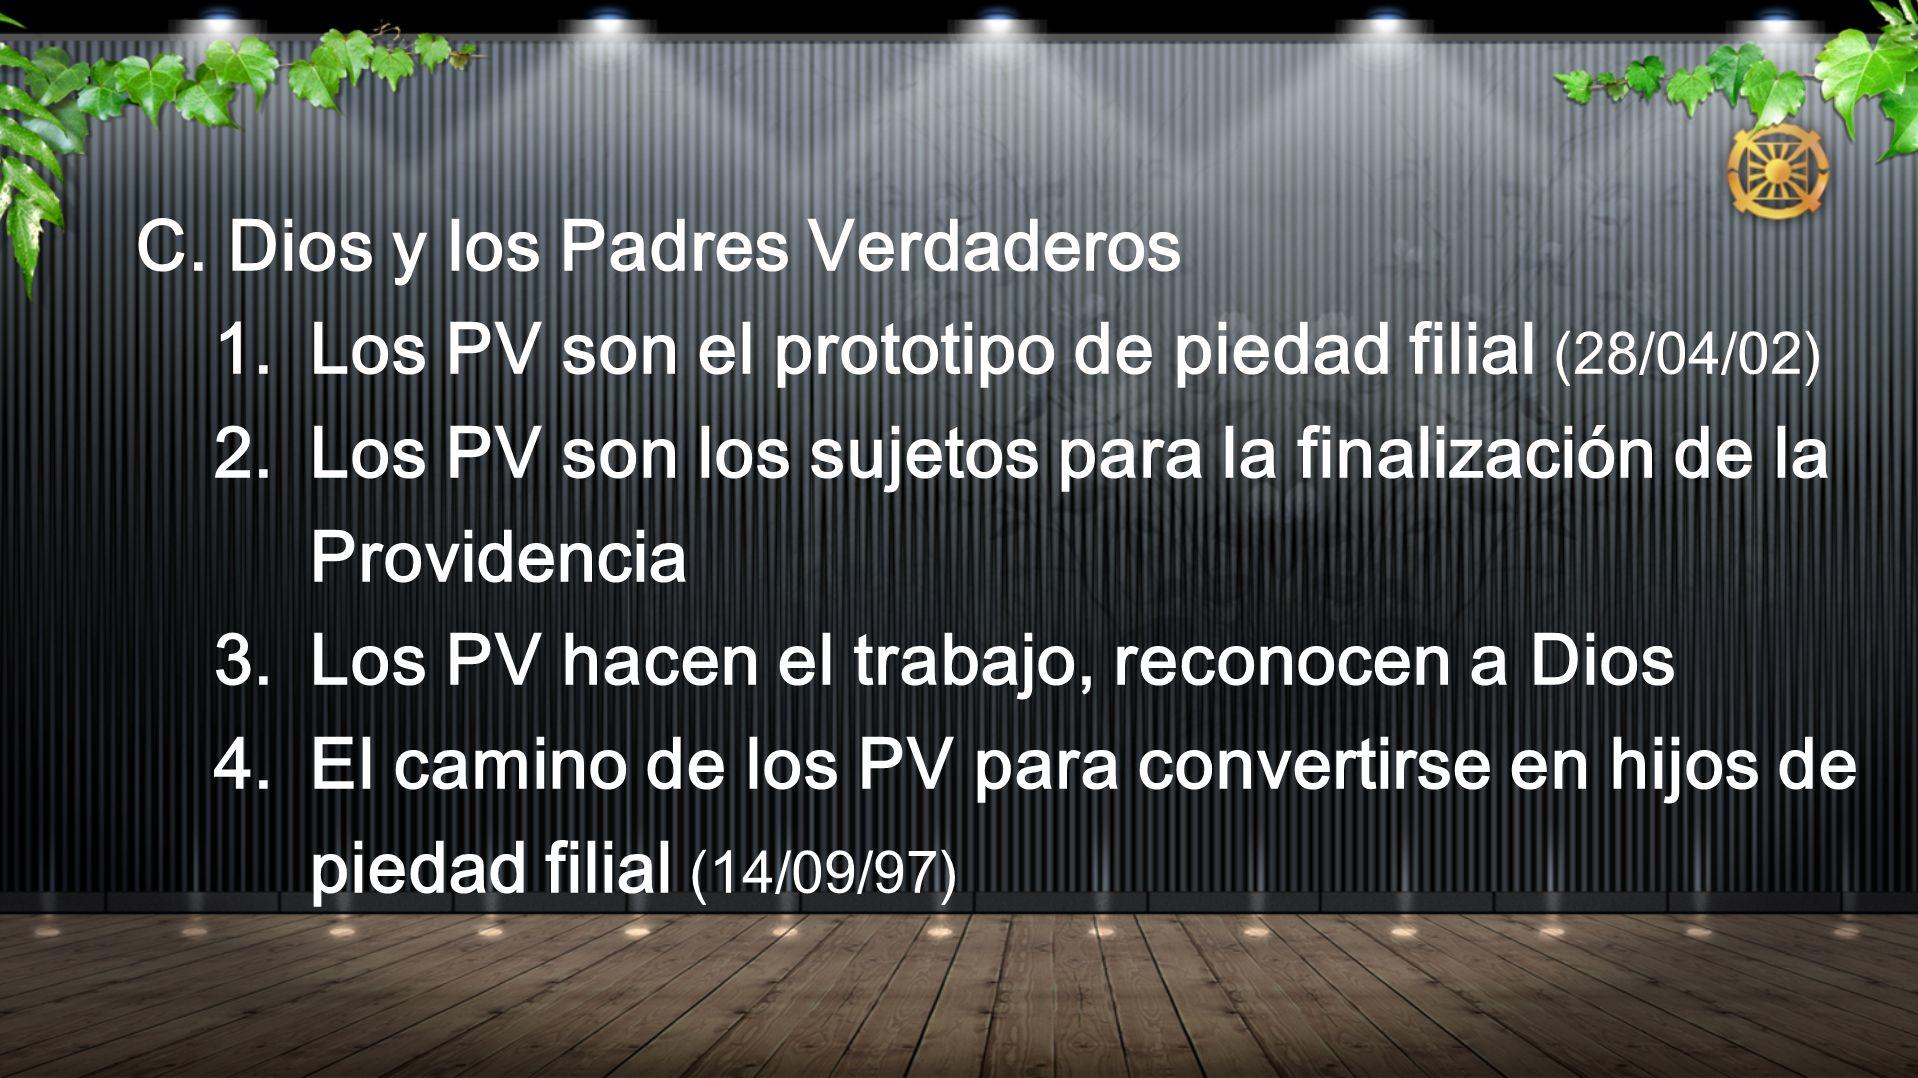 C. Dios y los Padres Verdaderos 1. Los PV son el prototipo de piedad filial (28/04/02) 2. Los PV son los sujetos para la finalización de la Providenci